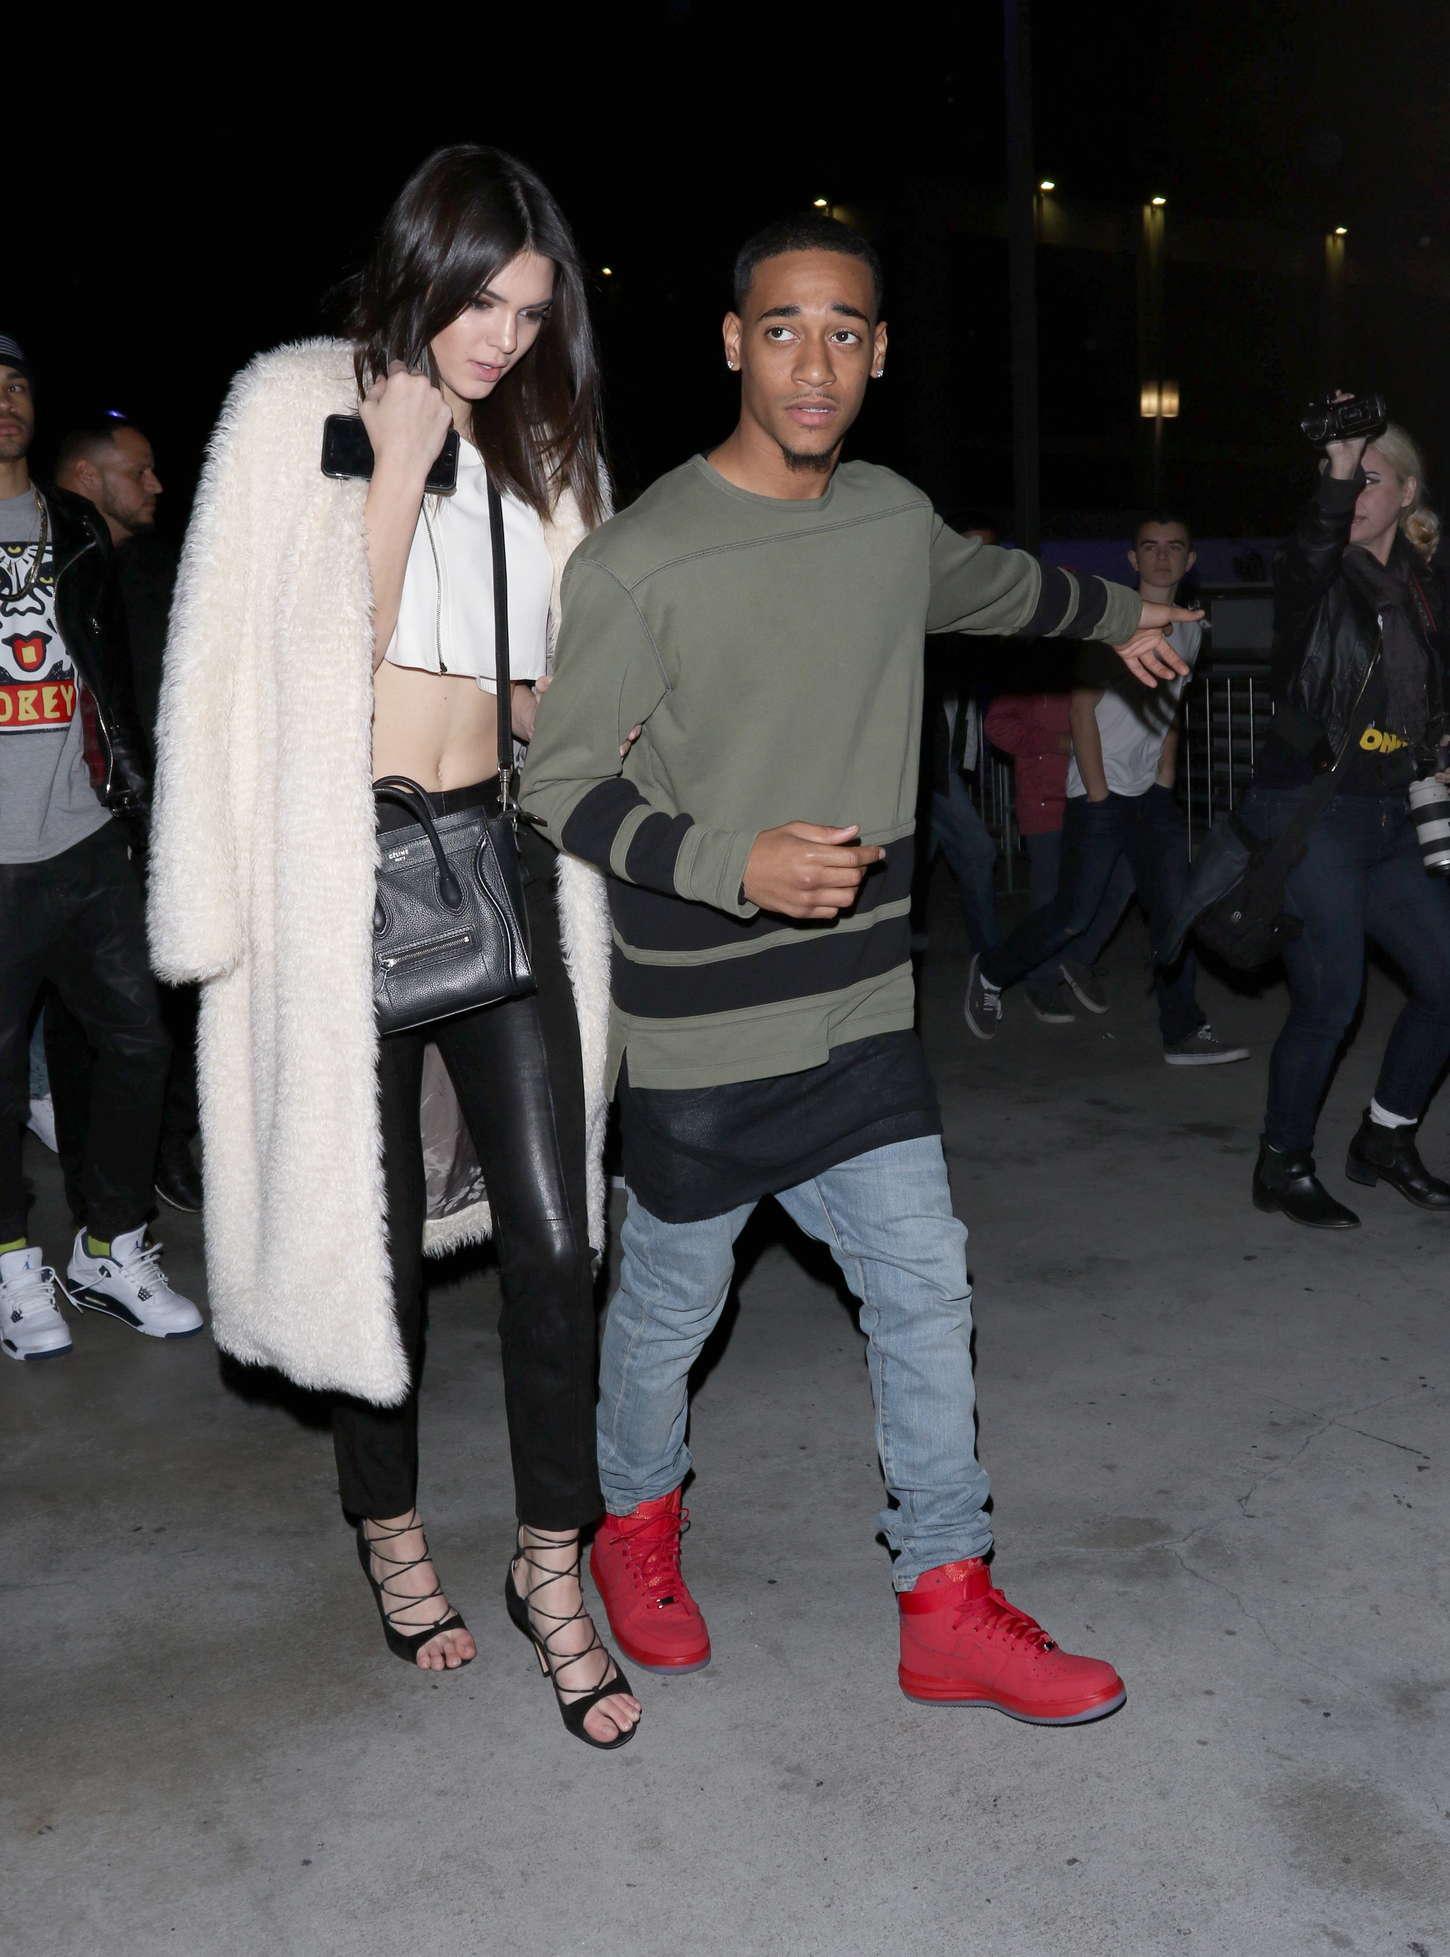 Kendall Jenner leaving The Staples Center